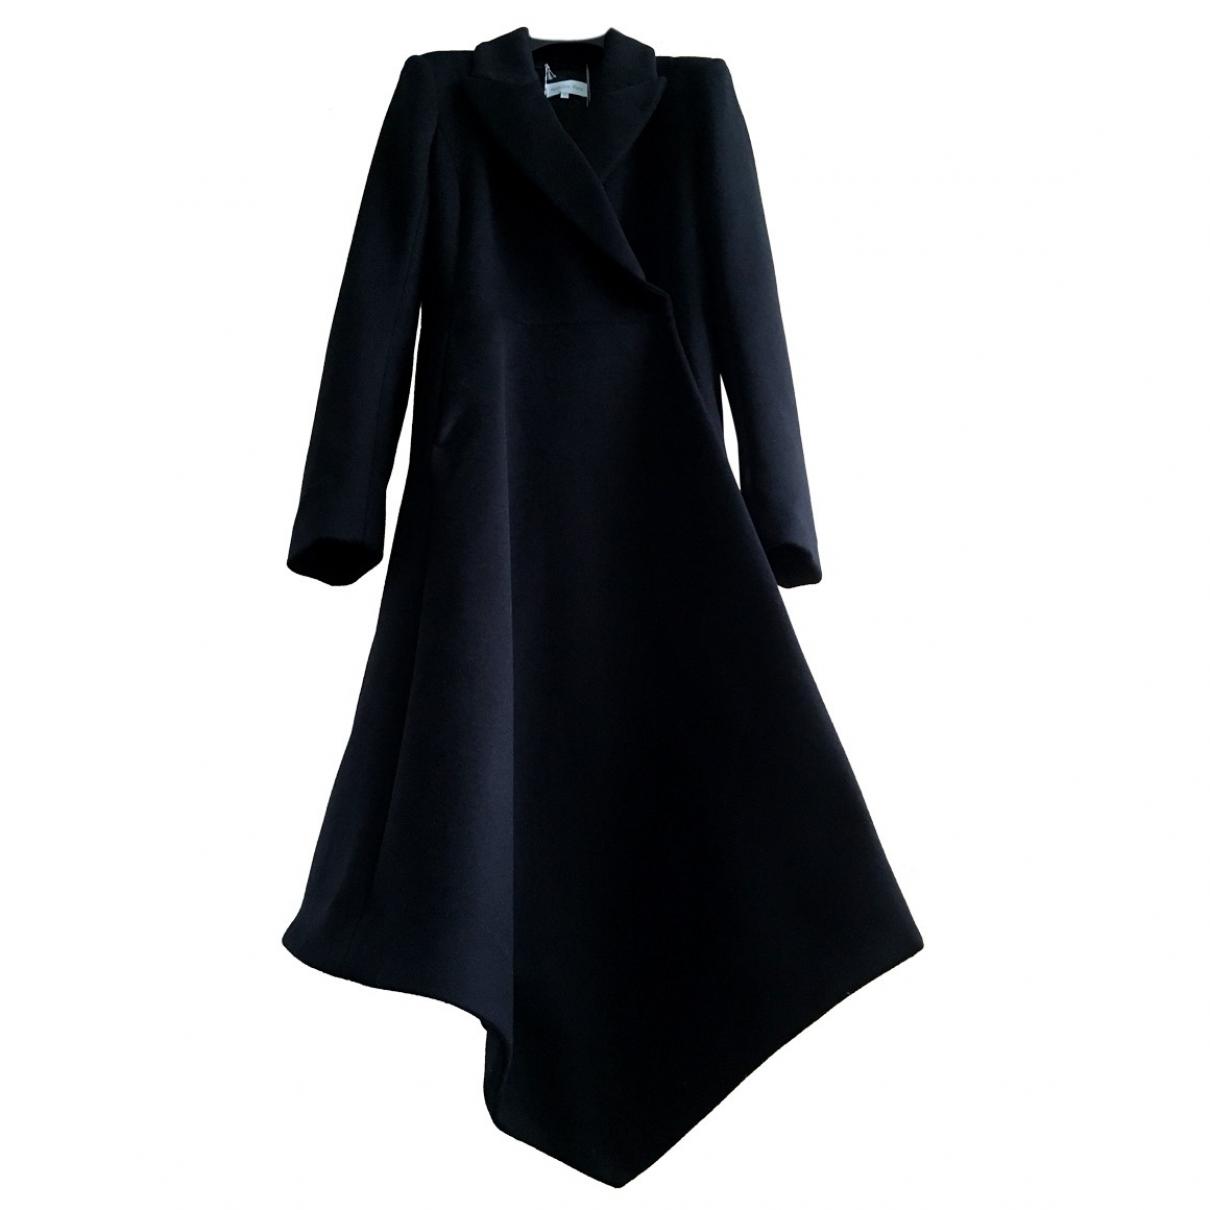 Patrizia Pepe \N Black Wool coat for Women 46 IT